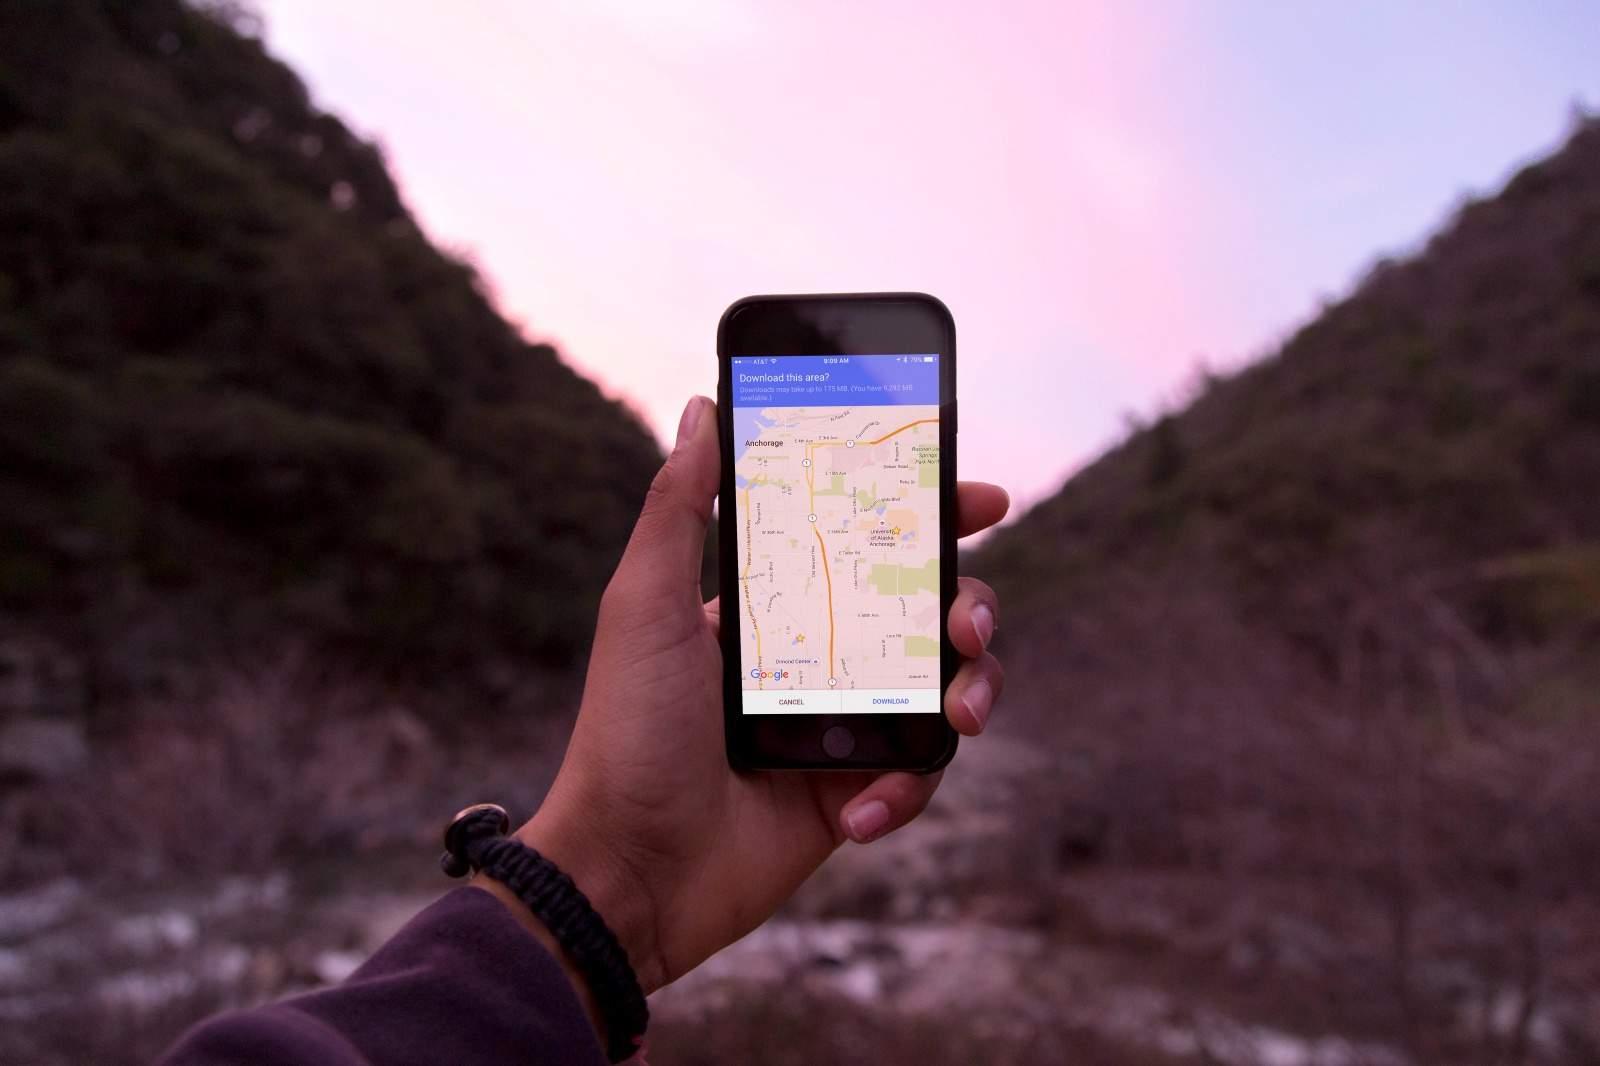 No data, no problem: Use Google Maps offline